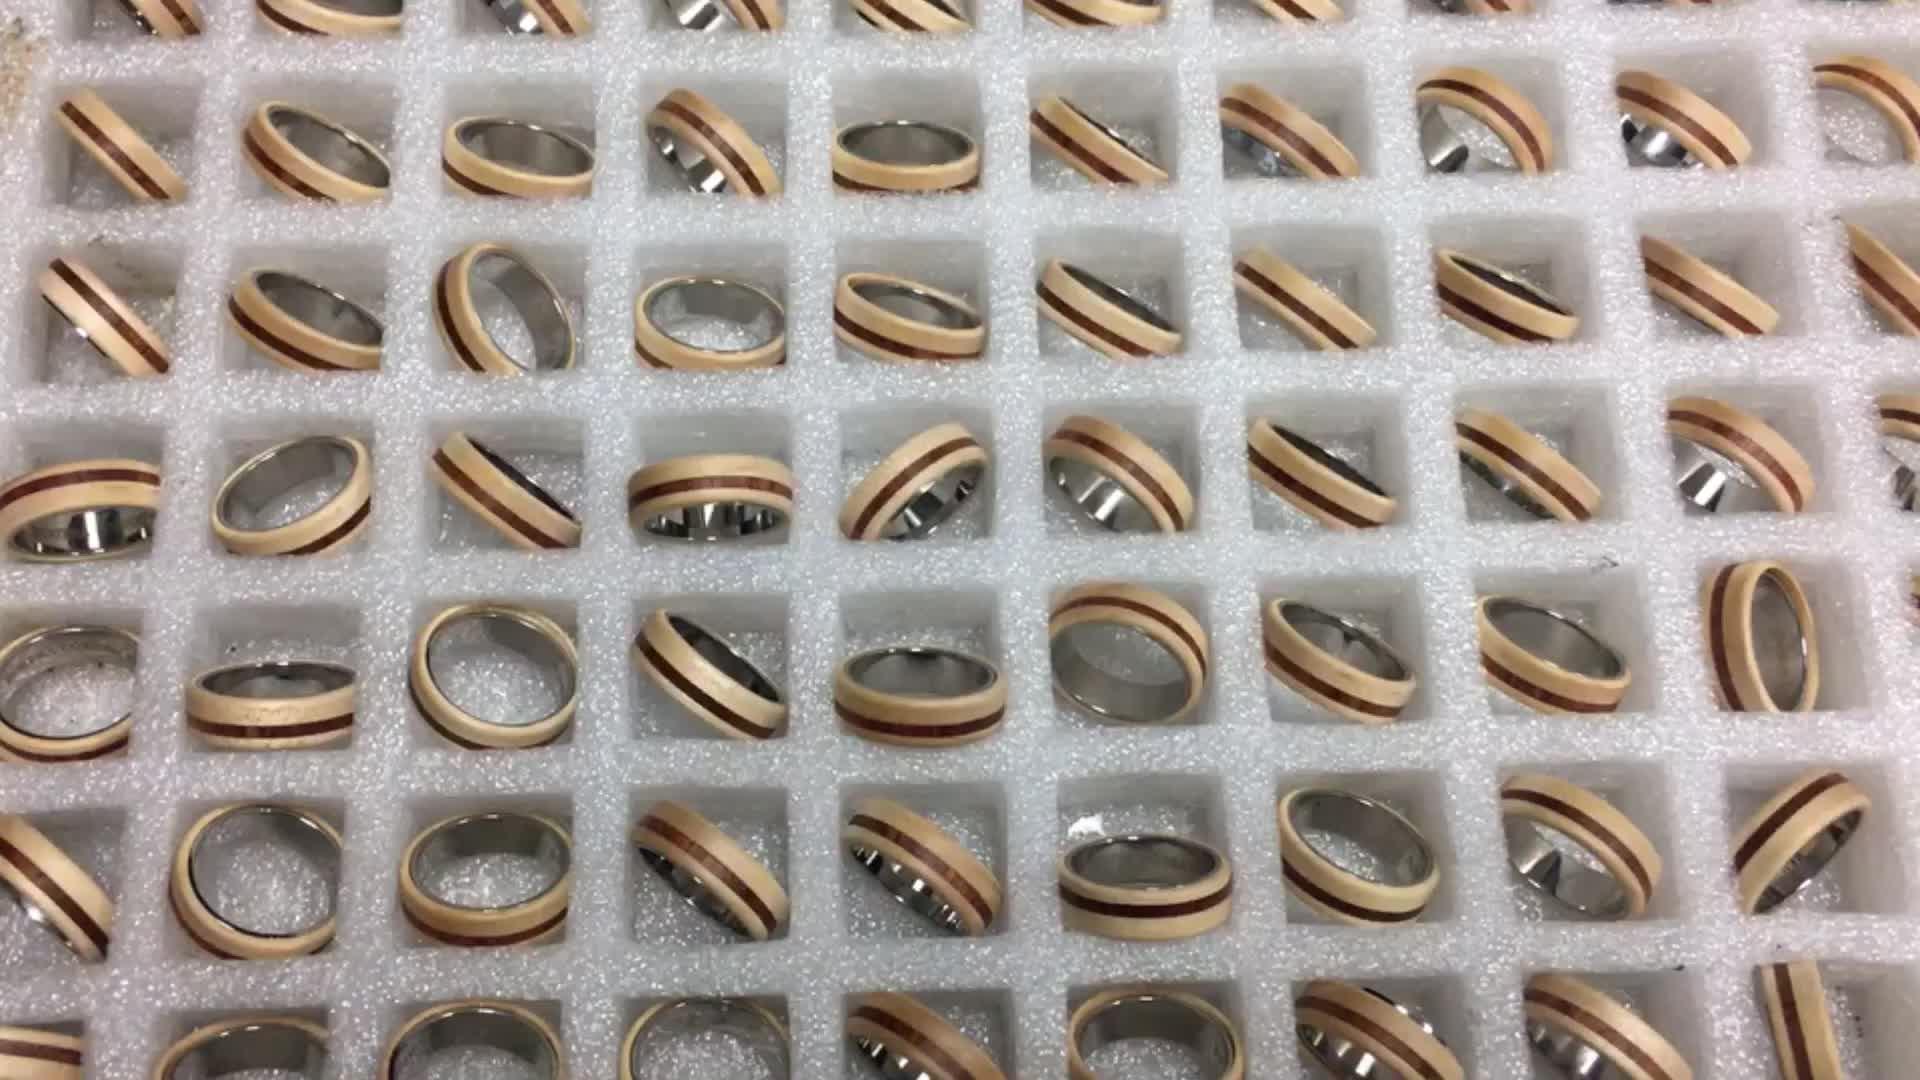 पुरुषों की डोम असली लकड़ी जड़ना आराम फिट टाइटेनियम अंगूठी